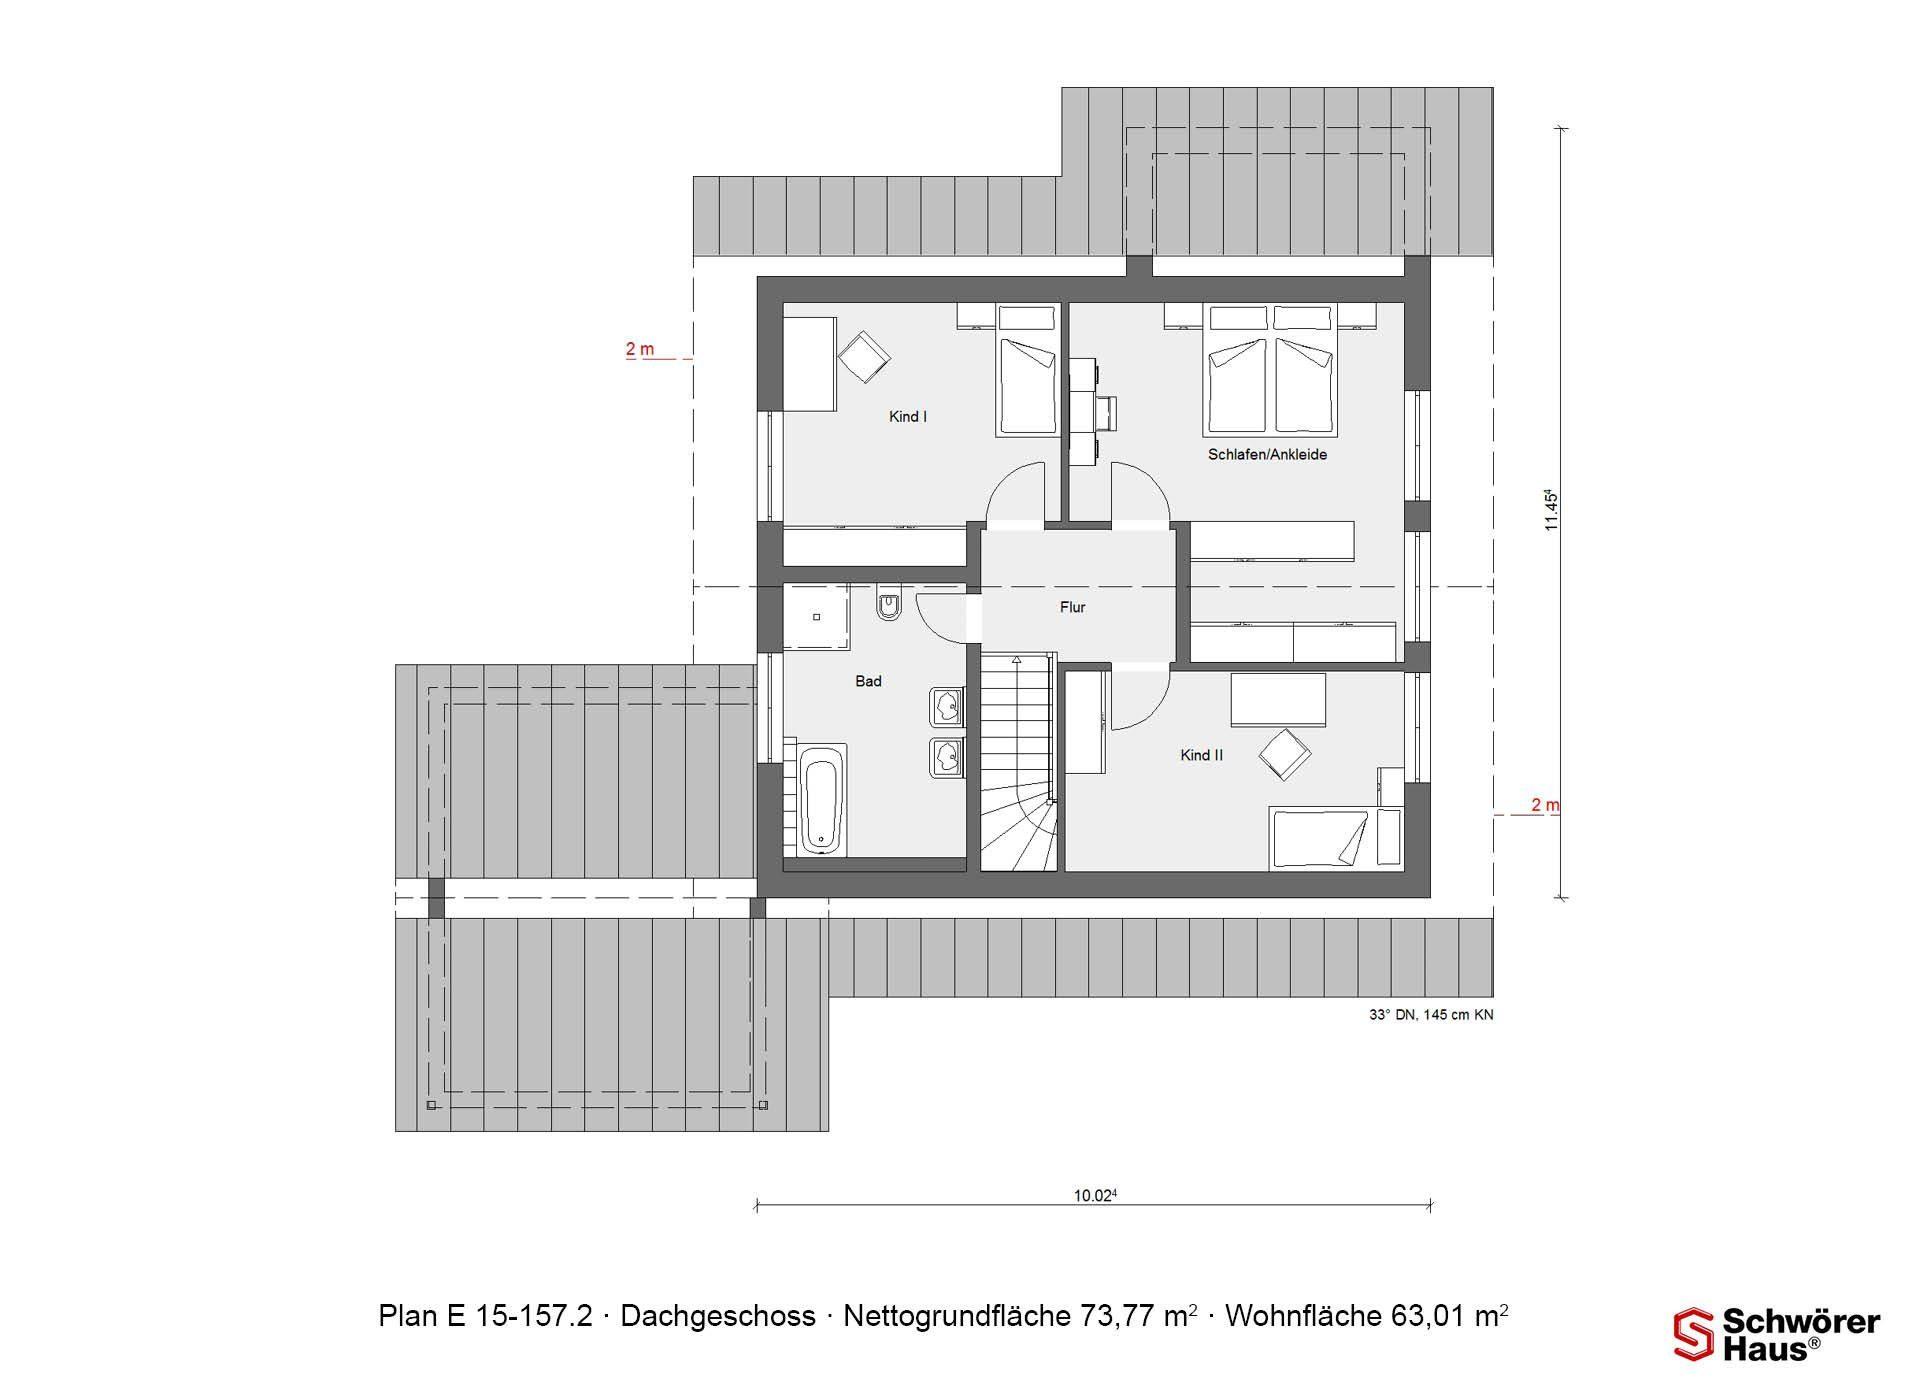 Musterhaus Hessdorf - Eine Nahaufnahme eines Geräts - Gebäudeplan